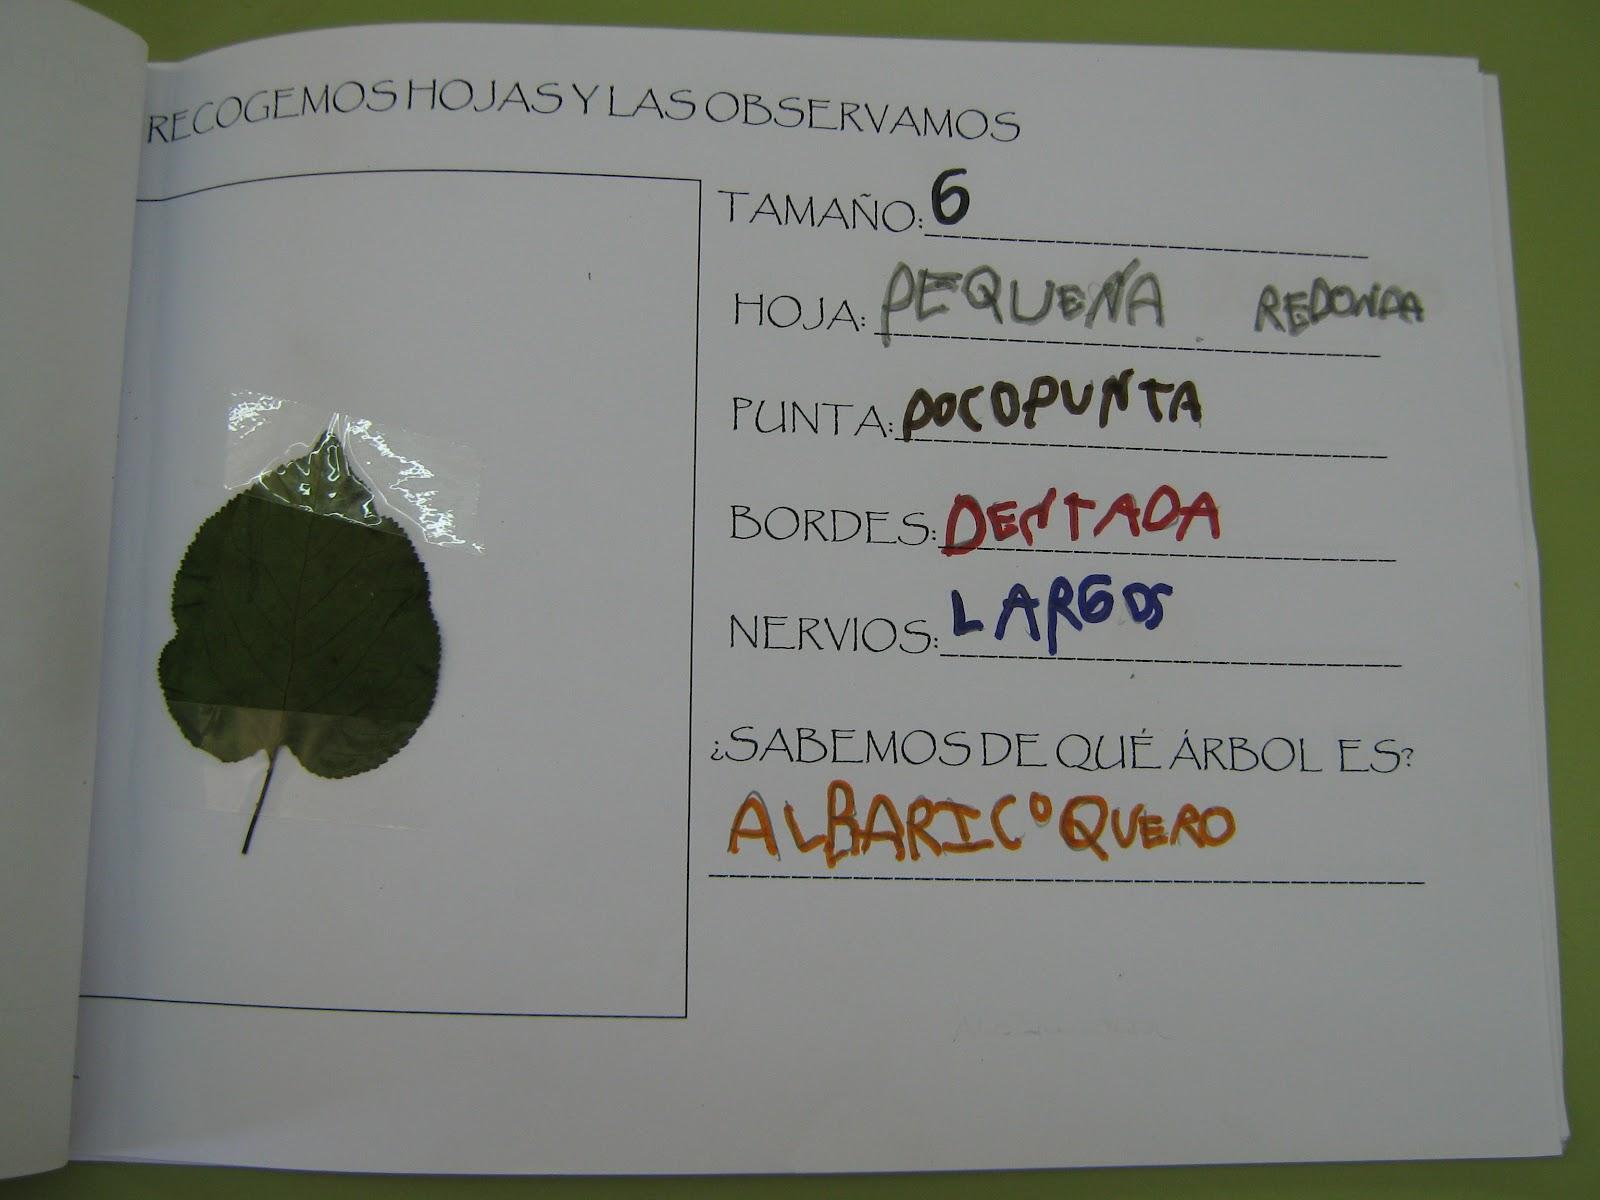 Los peques del picasso nuestros trabajos rboles for Caracteristicas de los arboles de hoja perenne